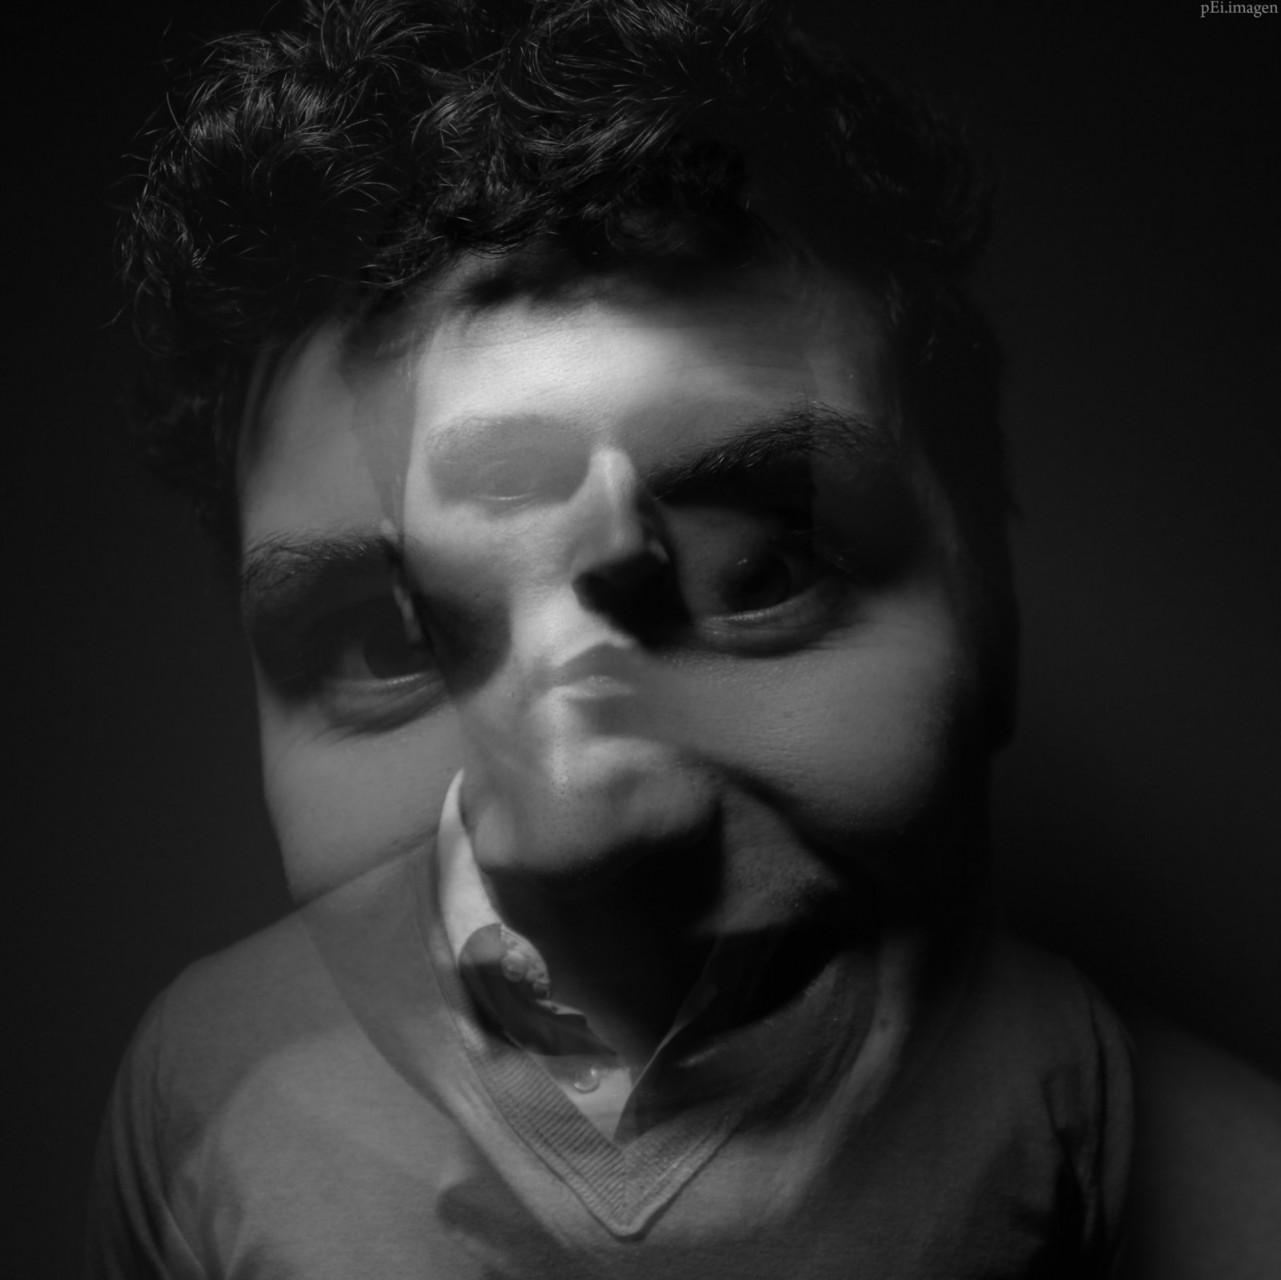 peipegata me myself I proyectos fotografia peipegatafotografia # 001 Borja Barros Ceballos